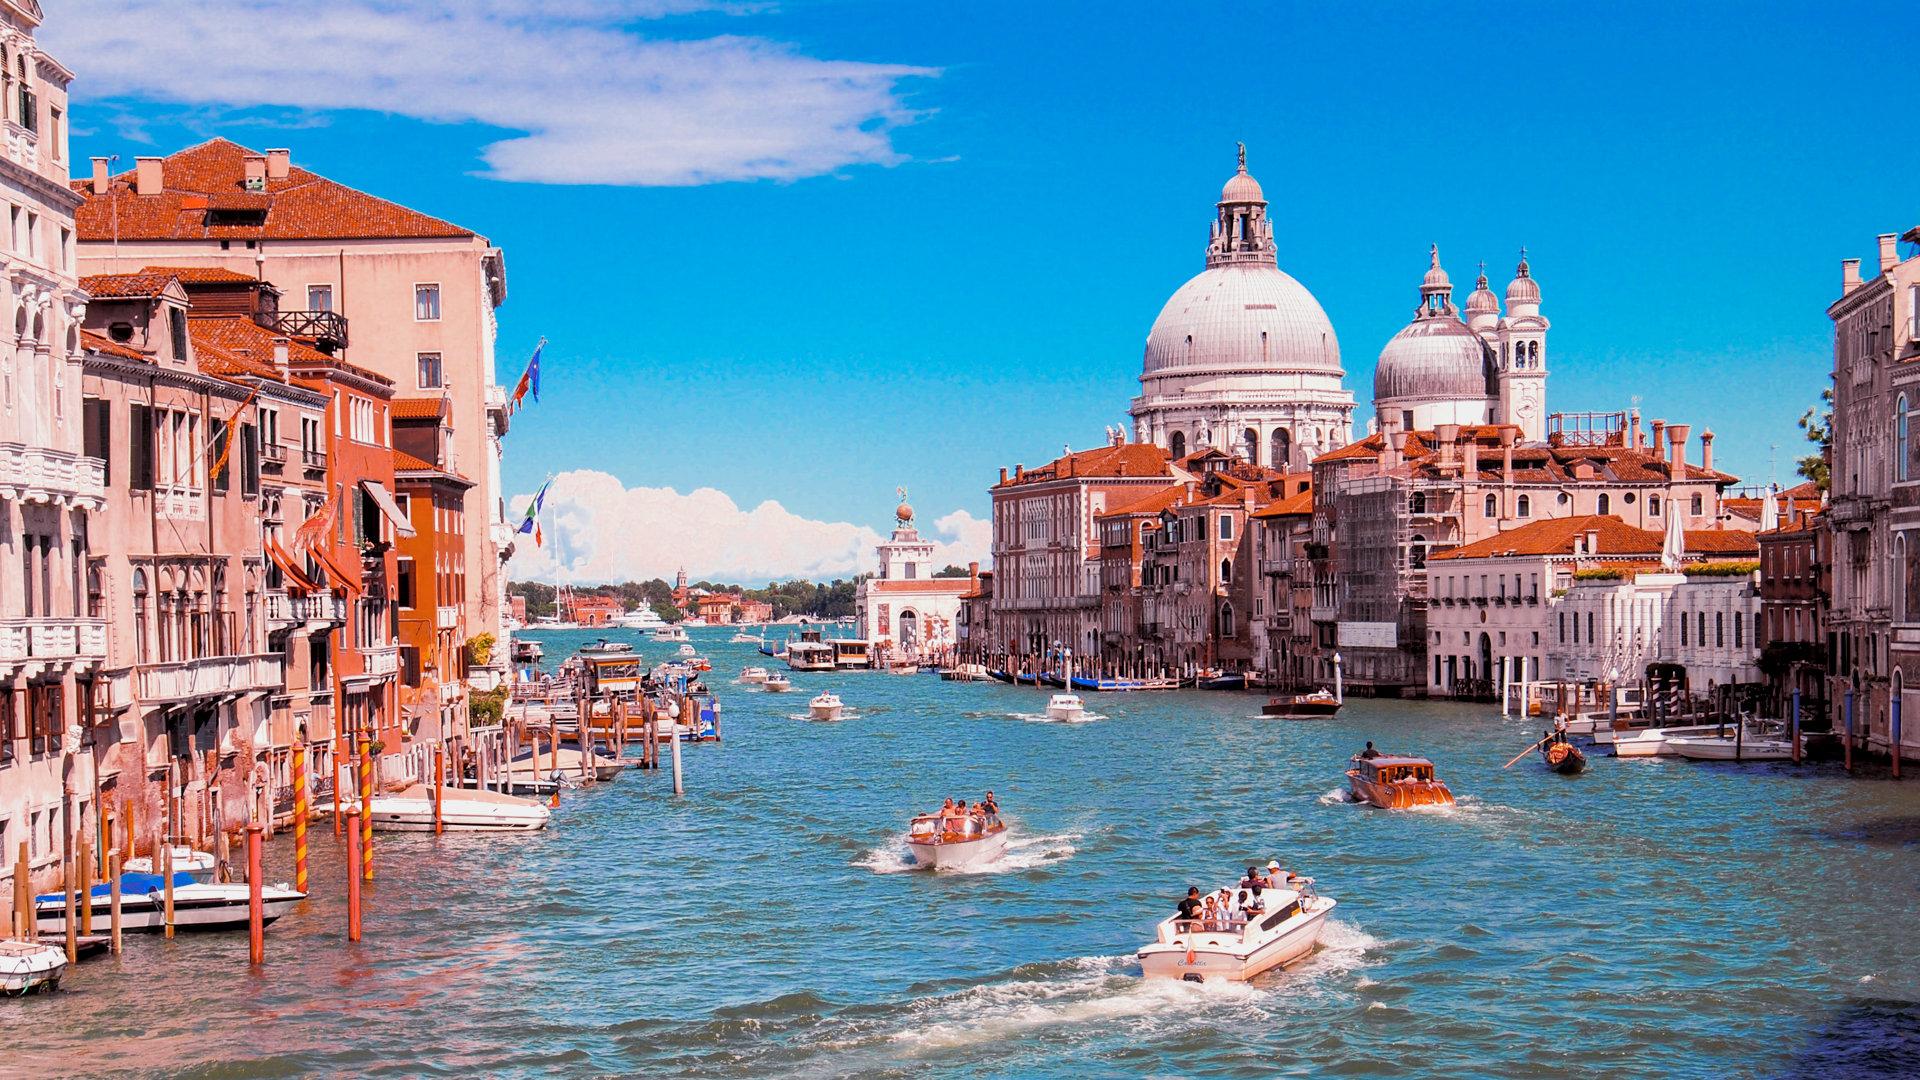 Ảnh Venice - thành phố lãng mạn bậc nhất nước Ý